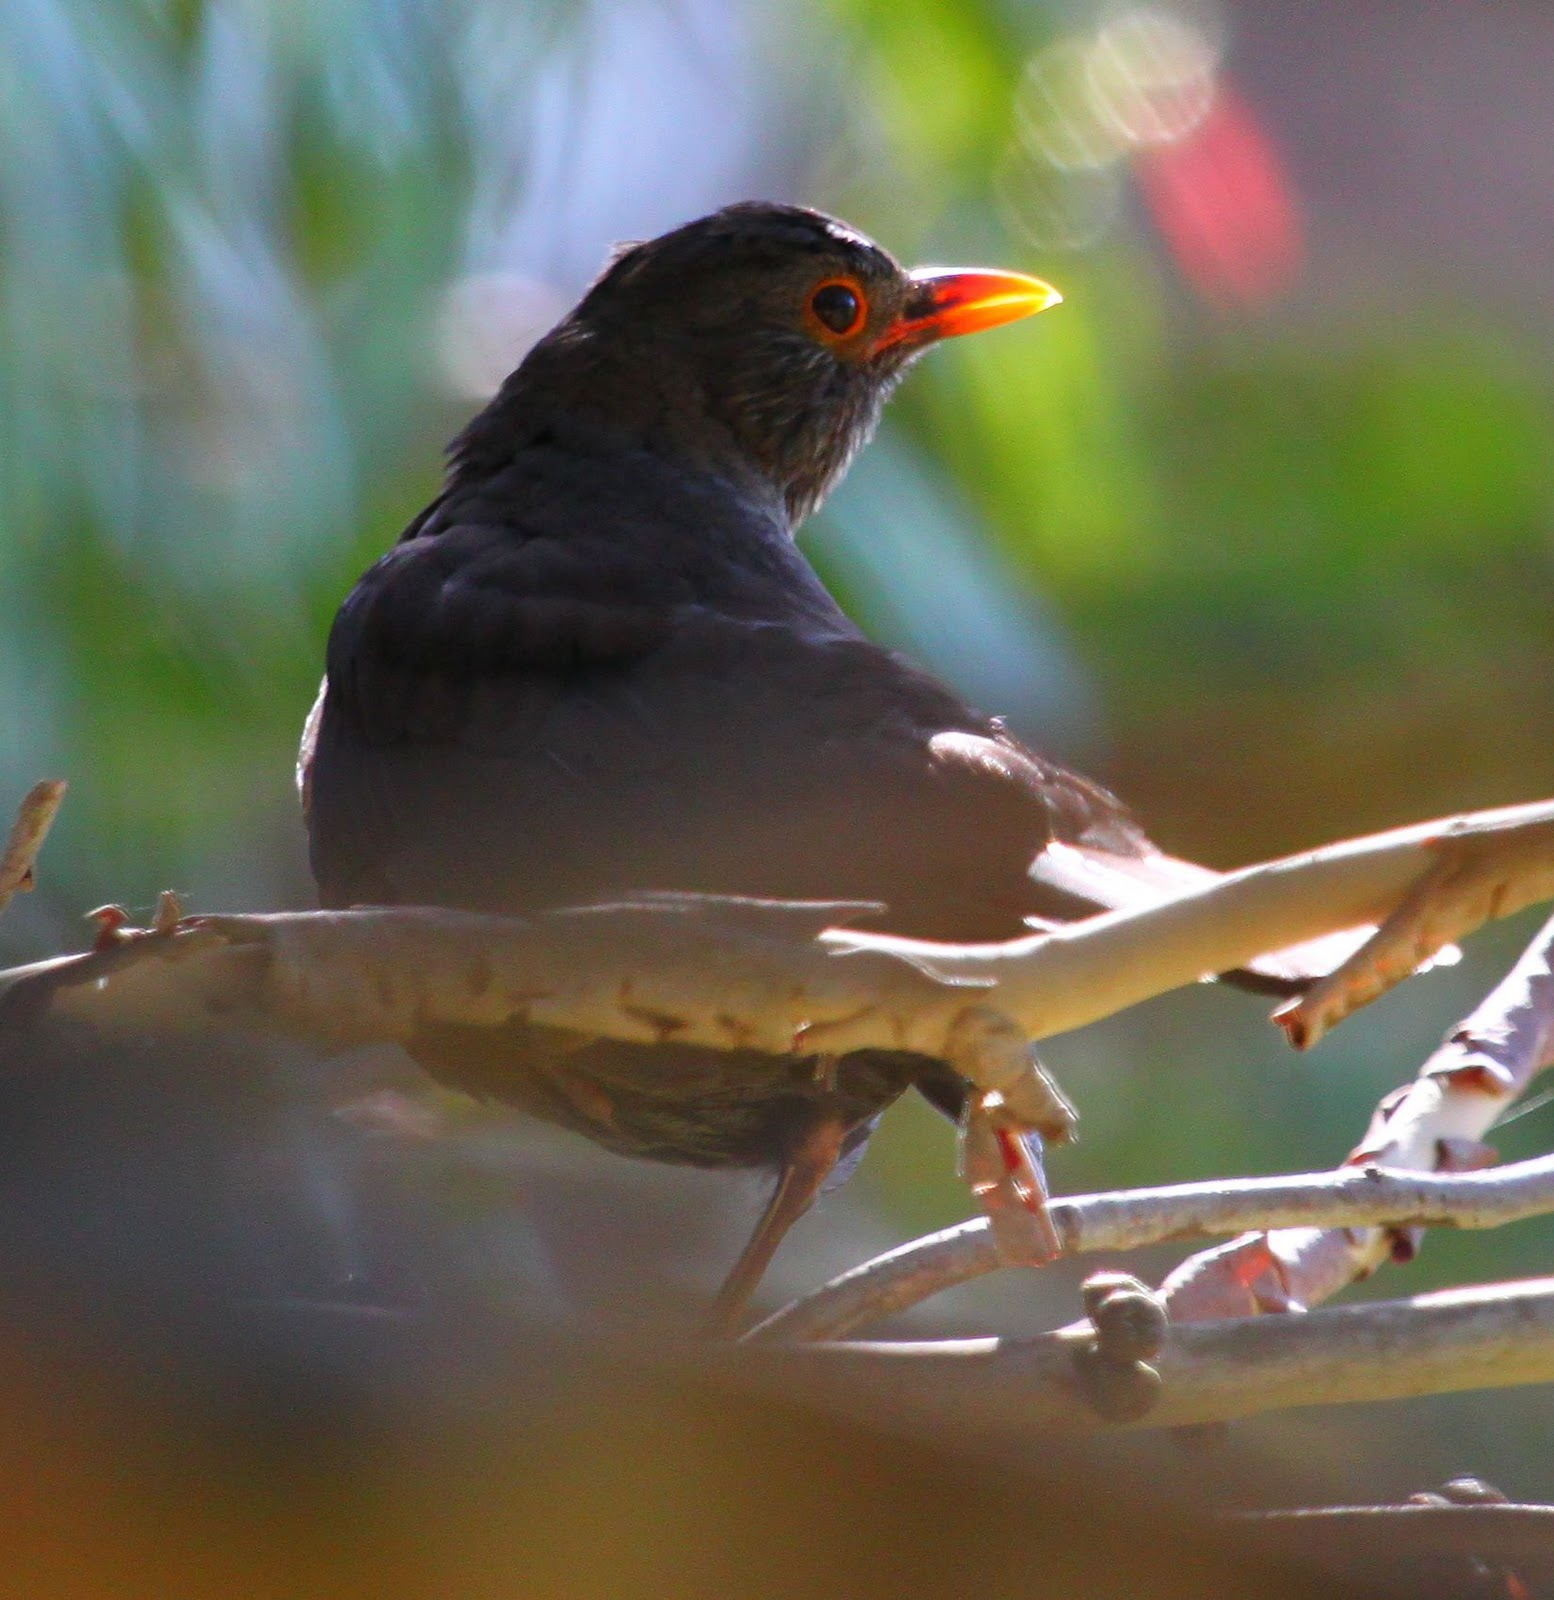 Phillip Island Australia: Richard Waring's Birds Of Australia: Selection Of Phillip